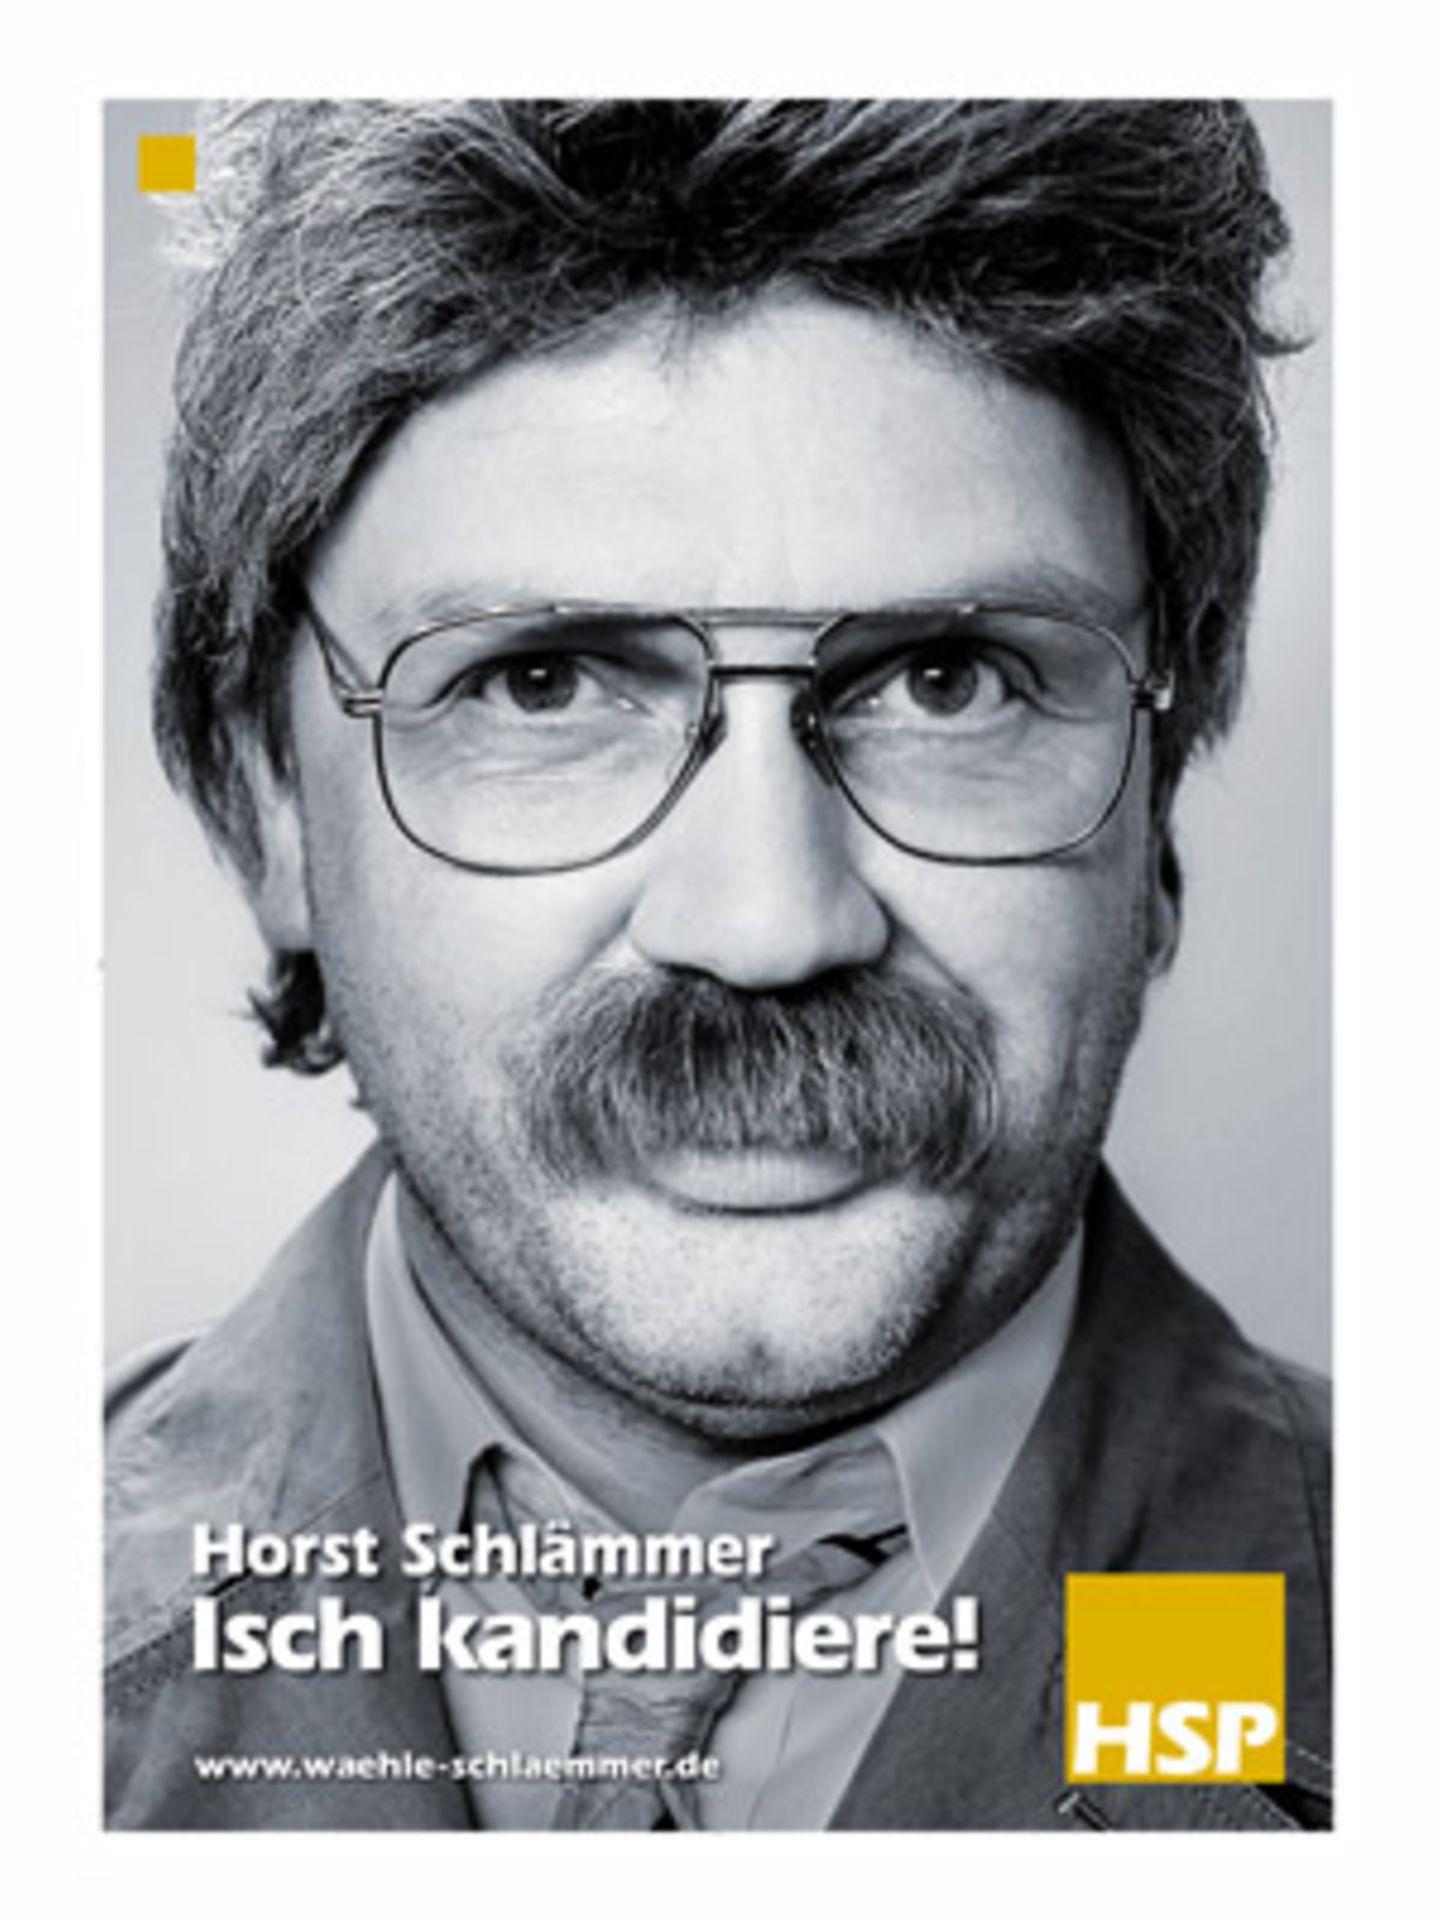 Kino-Tipp: Horst Schlämmer - Isch kandidiere    Horst Schlämmer geht unter die Politiker.